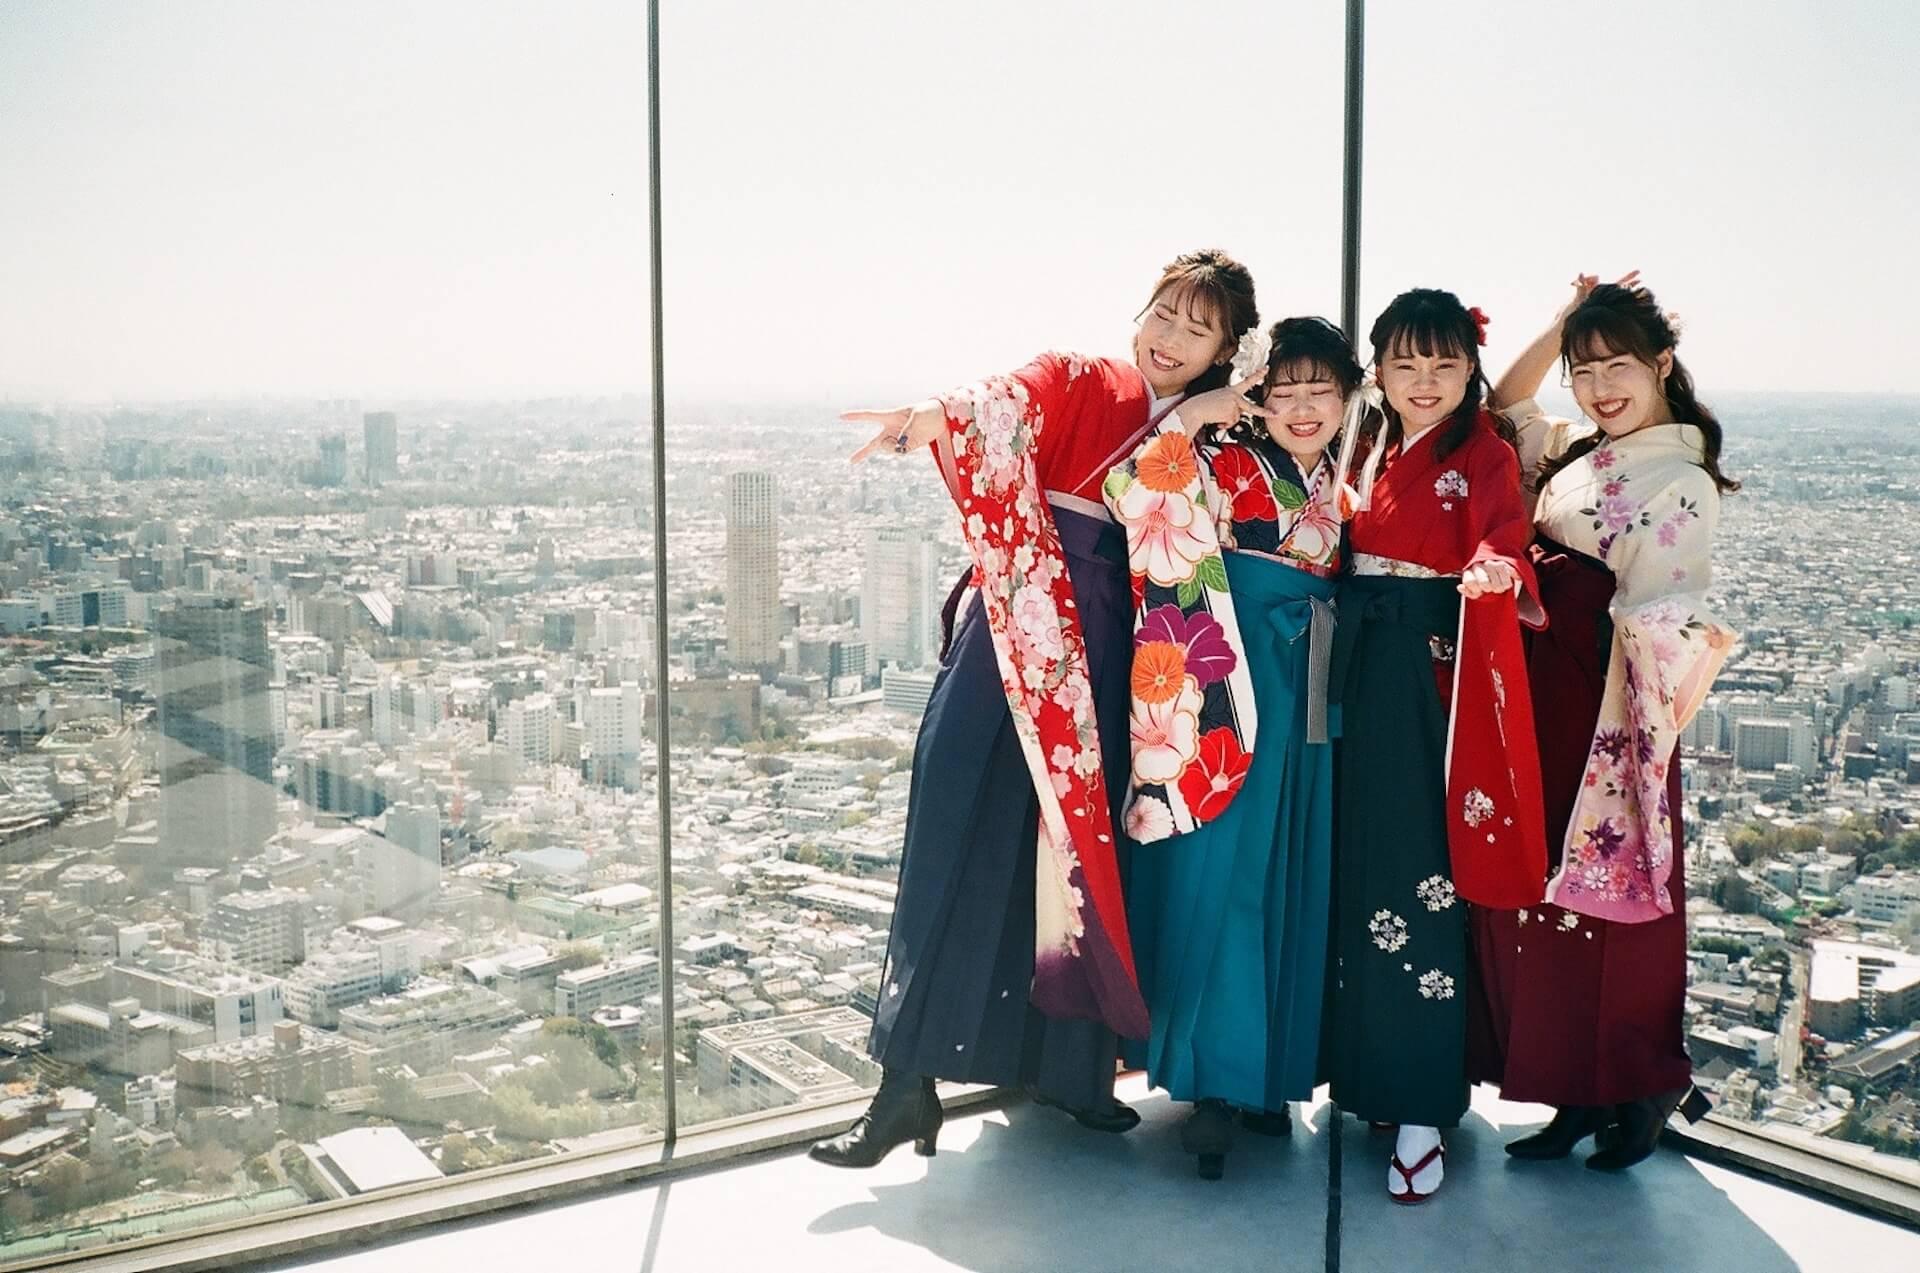 はなむけしゃしん - ぶるじょあ会「渋谷は日本のTOKYO」 art200415_hanamukeshashin5_29